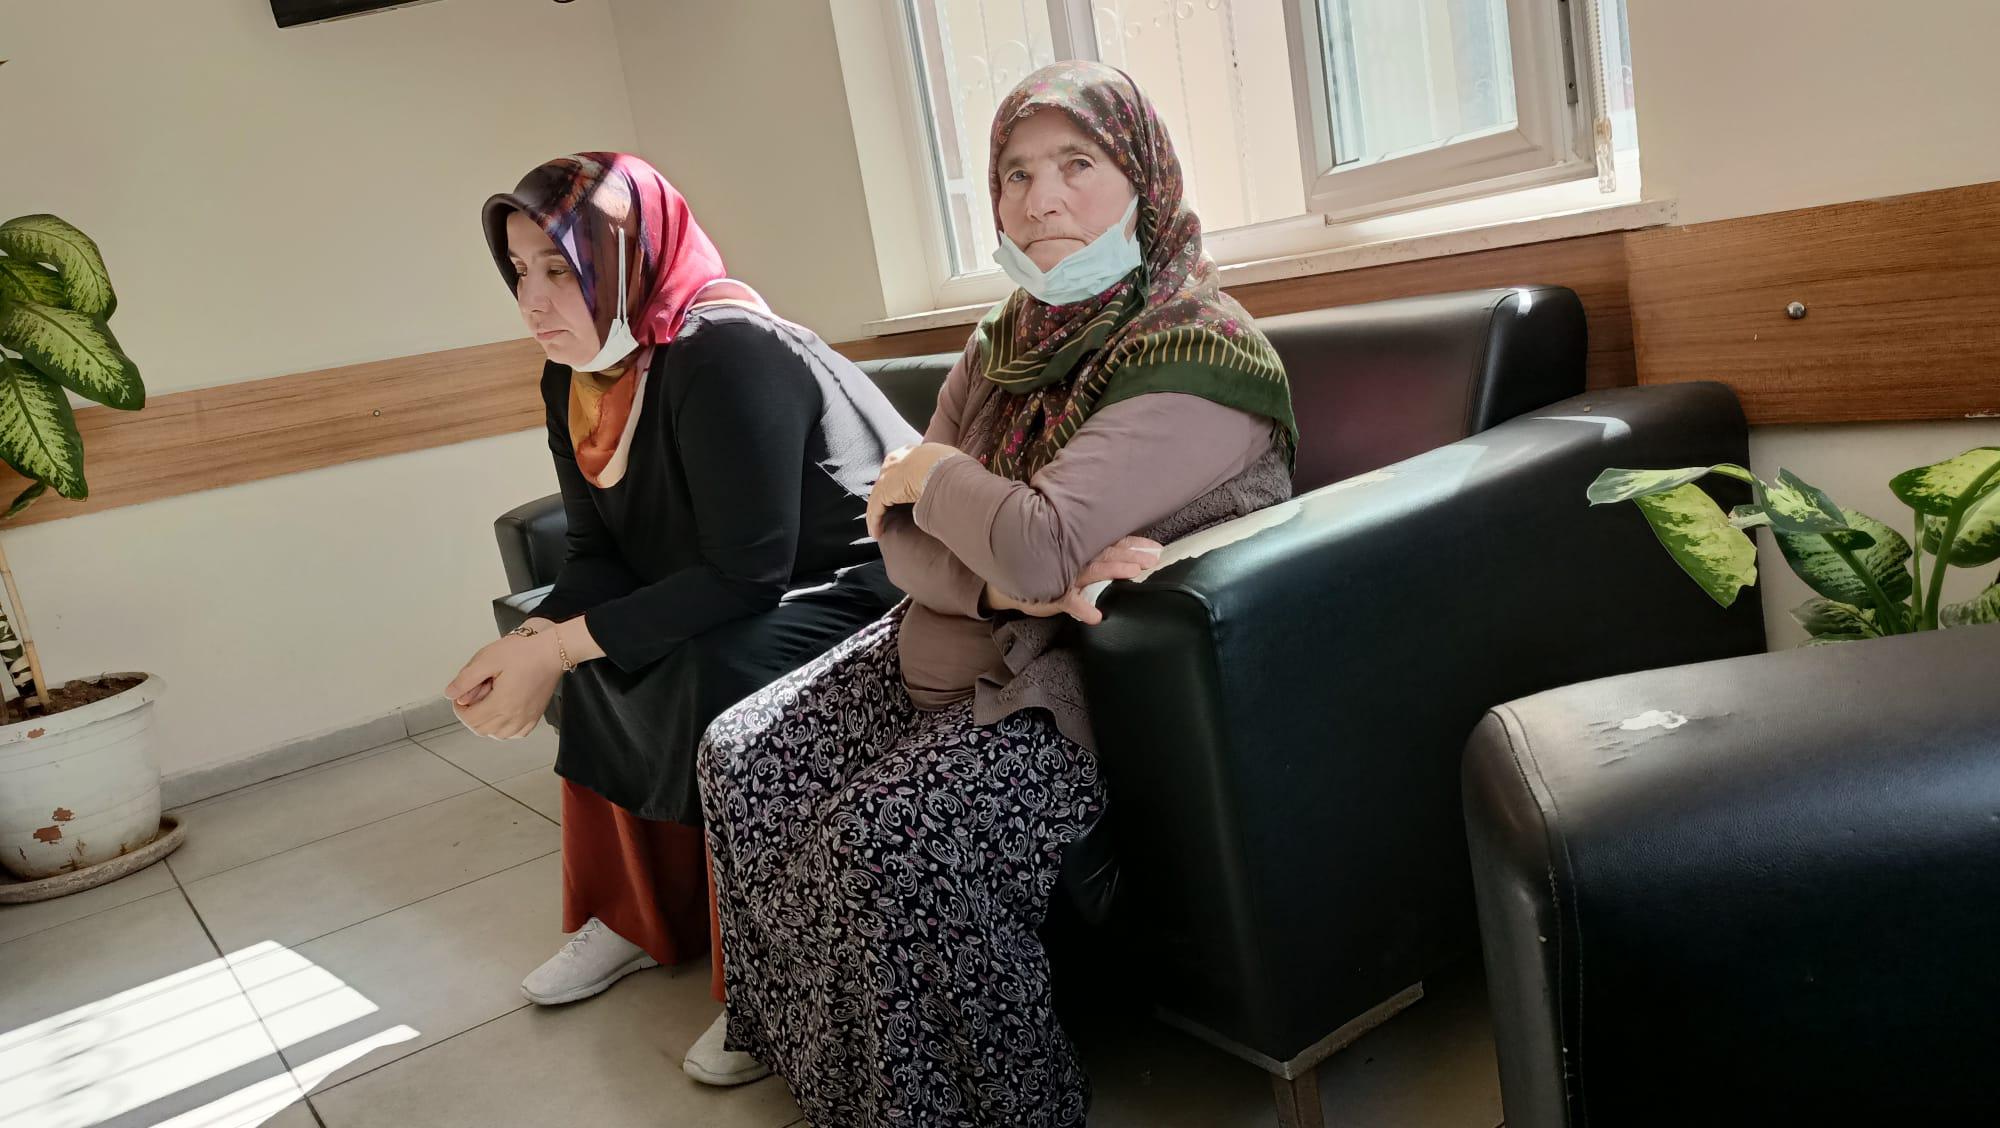 Kanser hastası Özdoğan'ın 72 yaşındaki annesi ve Çetinkaya serbest bırakıldı